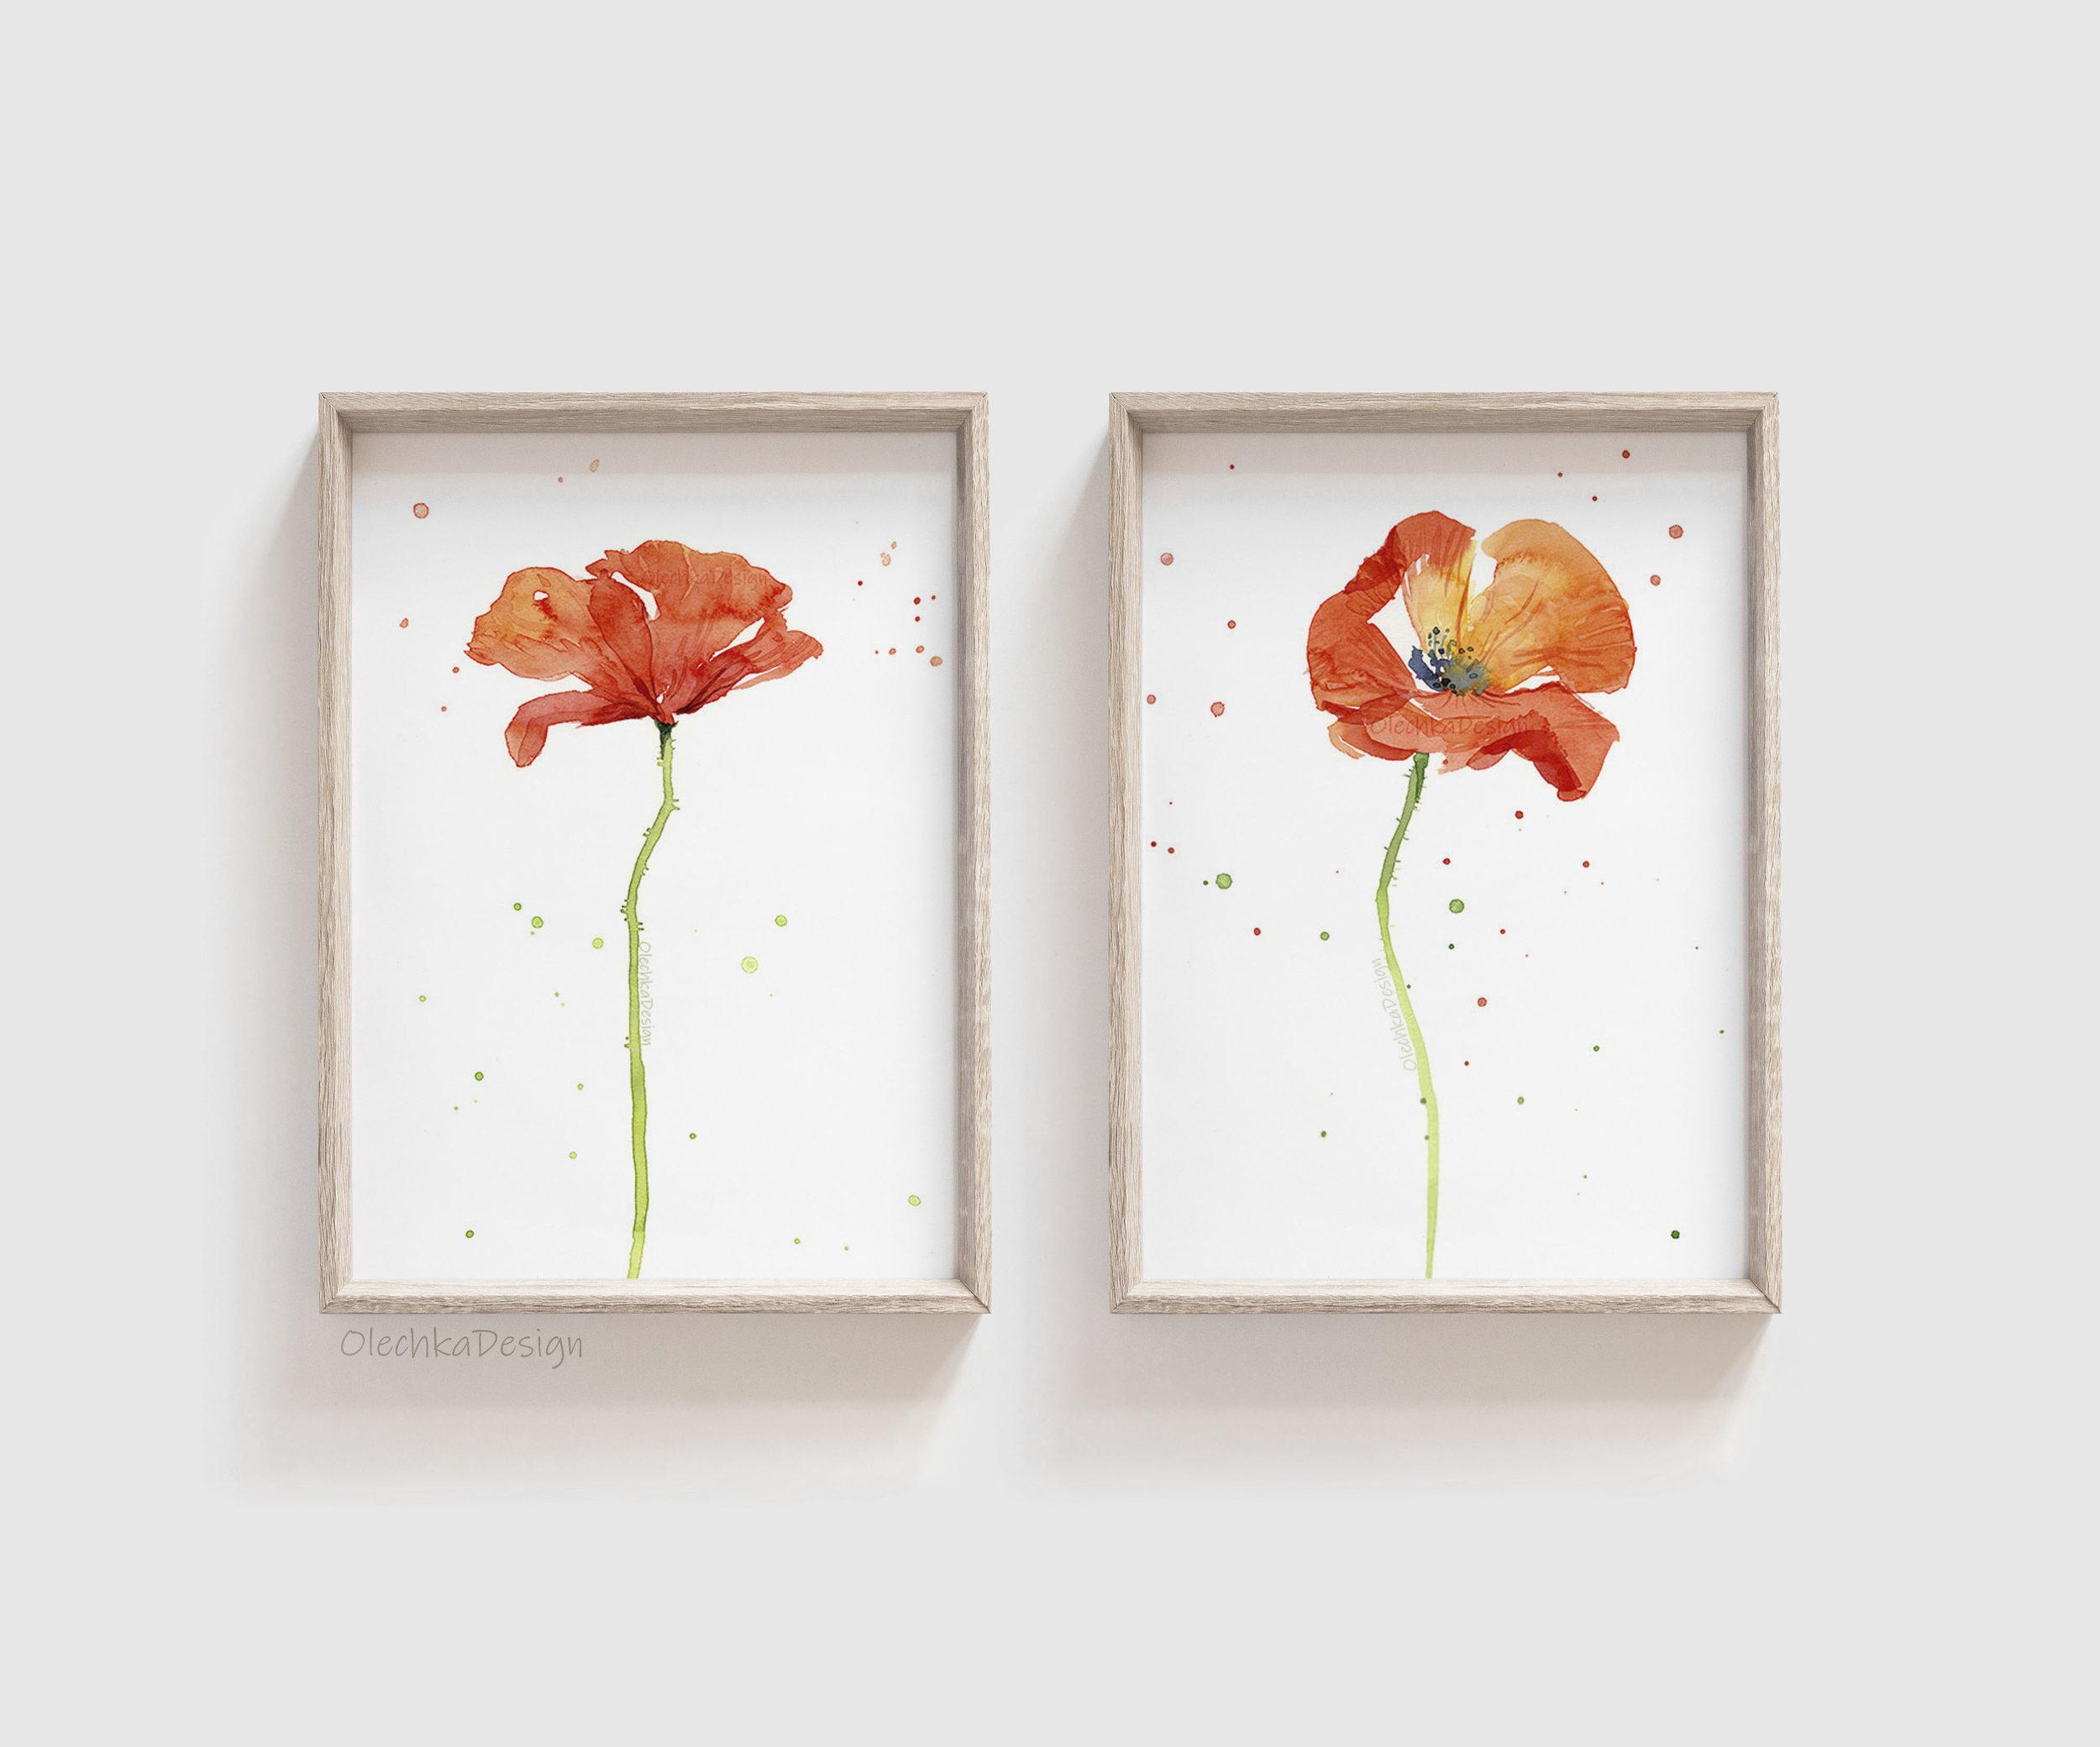 poppies-watercolor-print-set-of-2.jpg